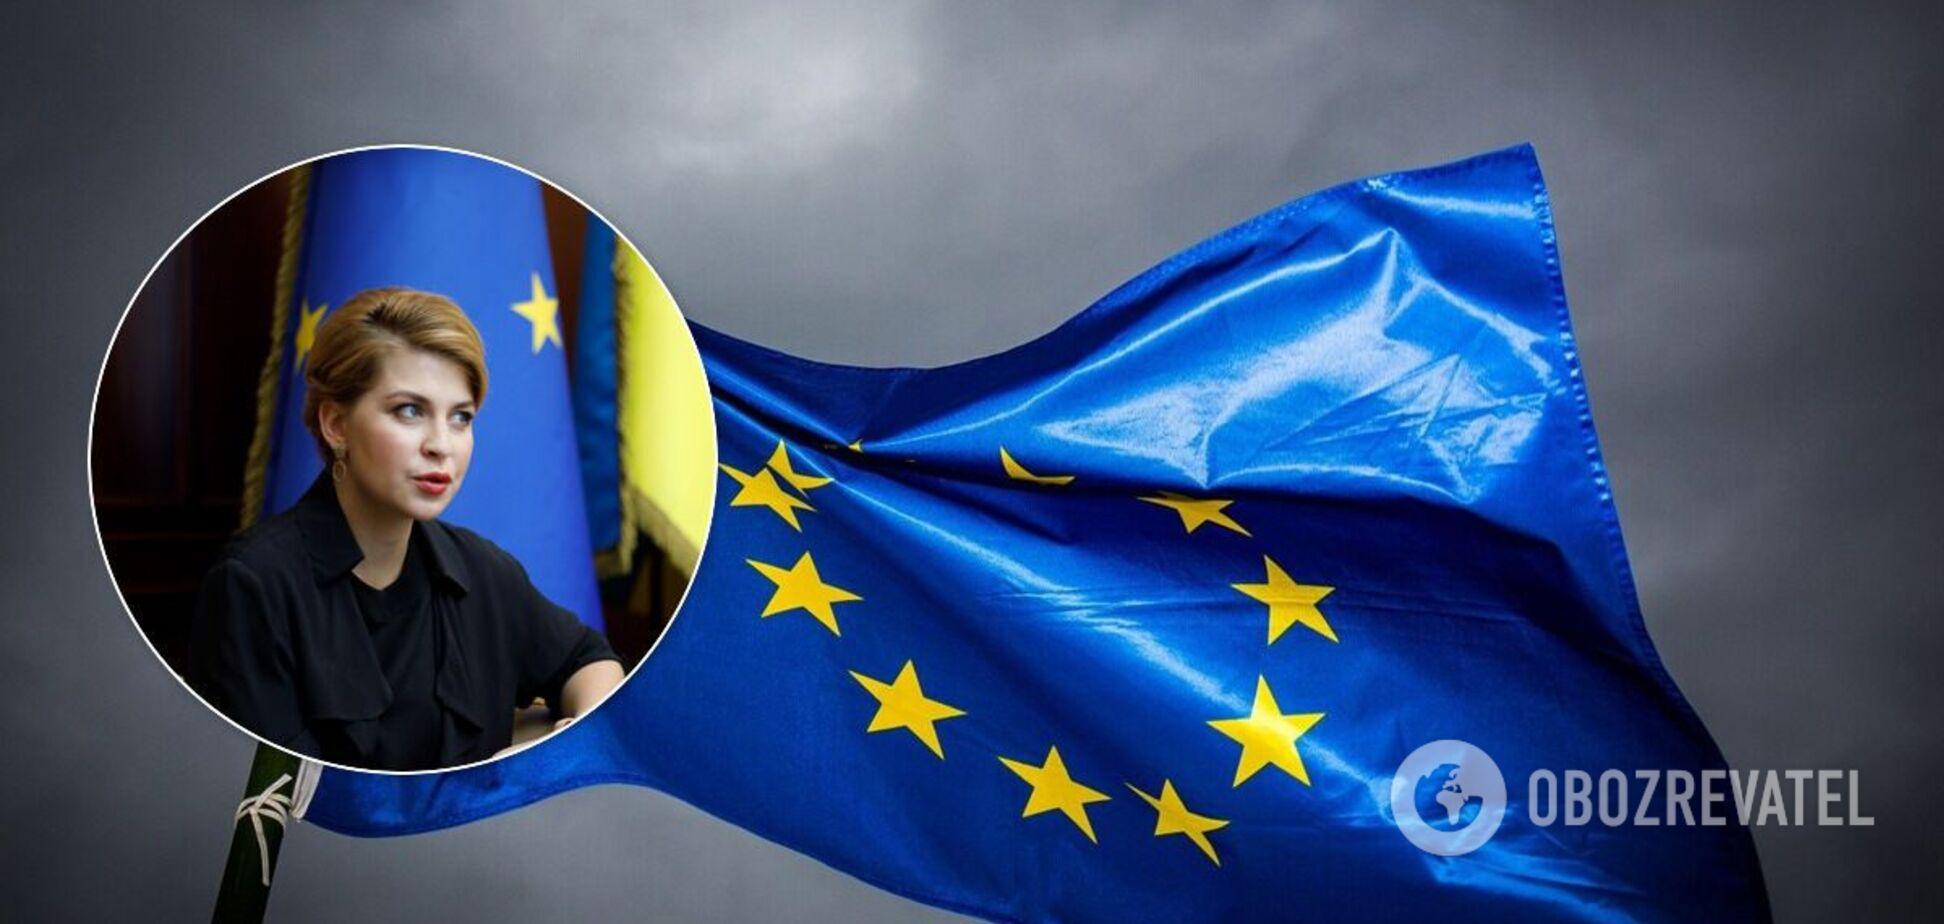 Стефанишина заверила, что безвизу с ЕС быть